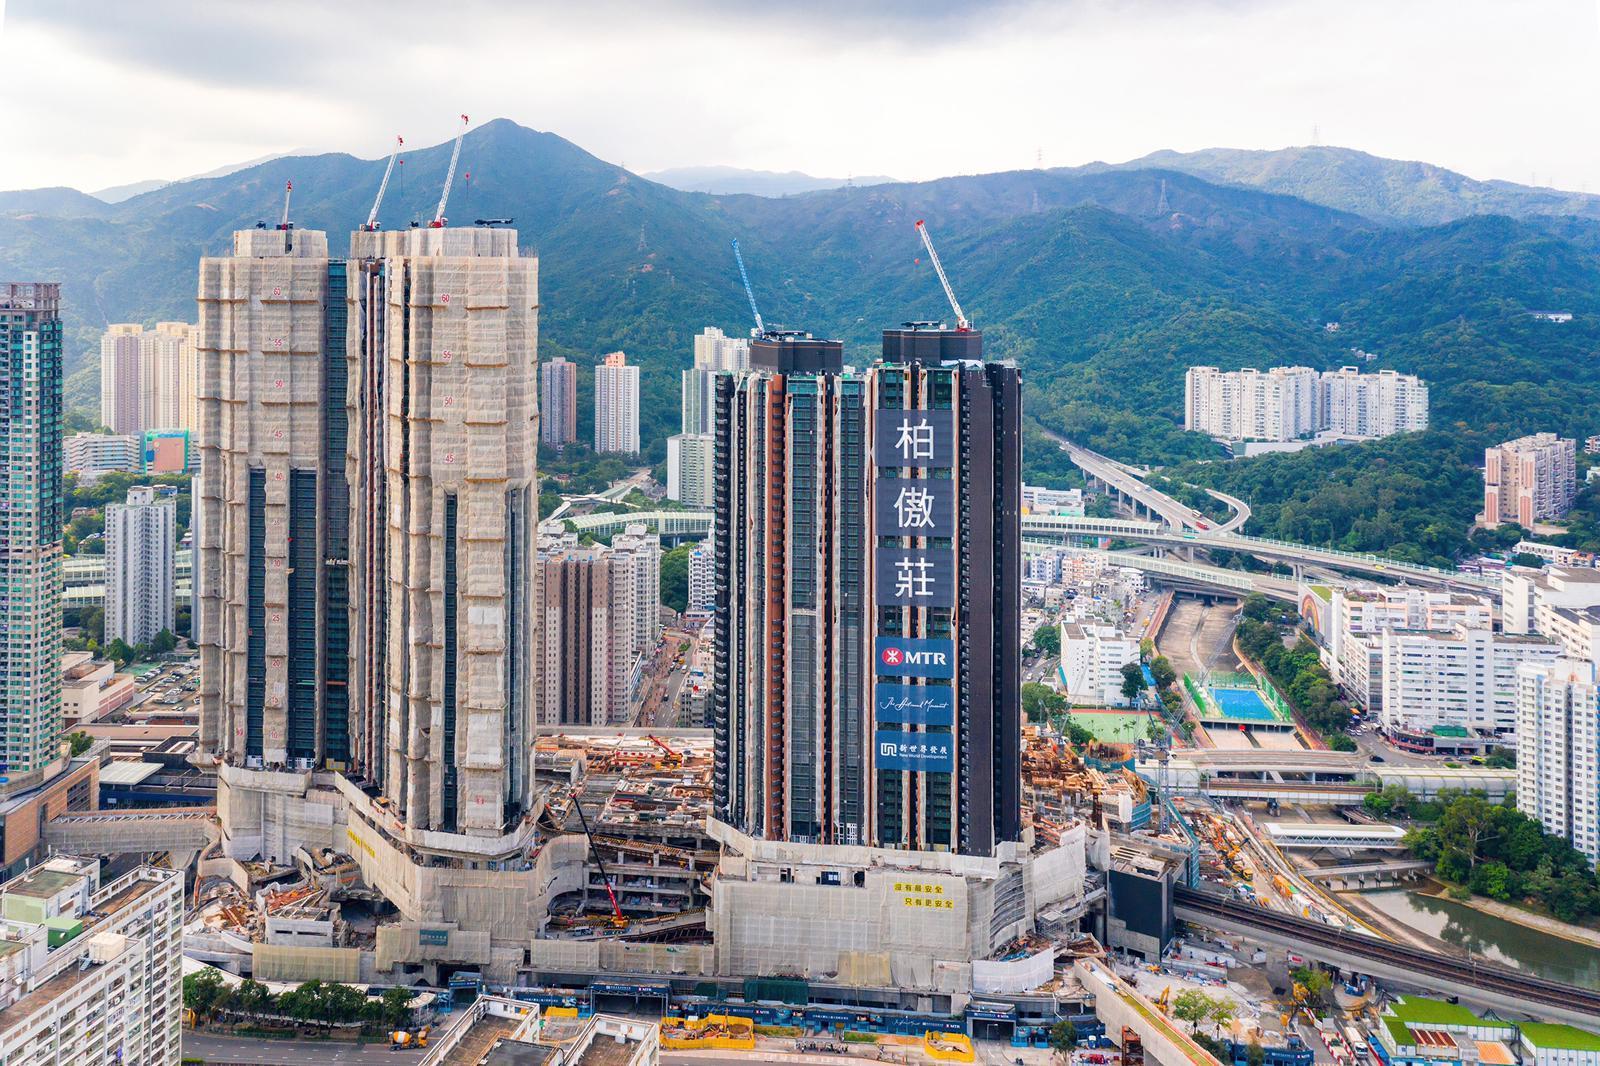 柏傲莊II一房特色戶實呎破3萬 料創新界一房新高